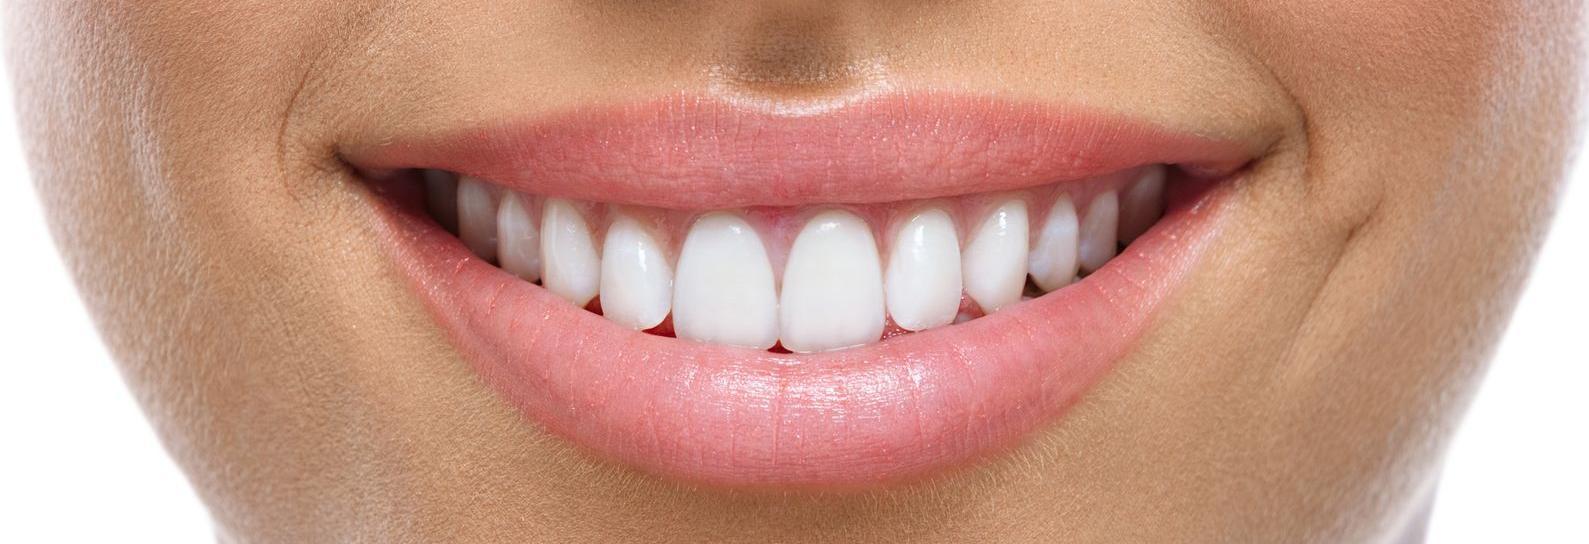 Dentures Plus banner Lenexa, KS